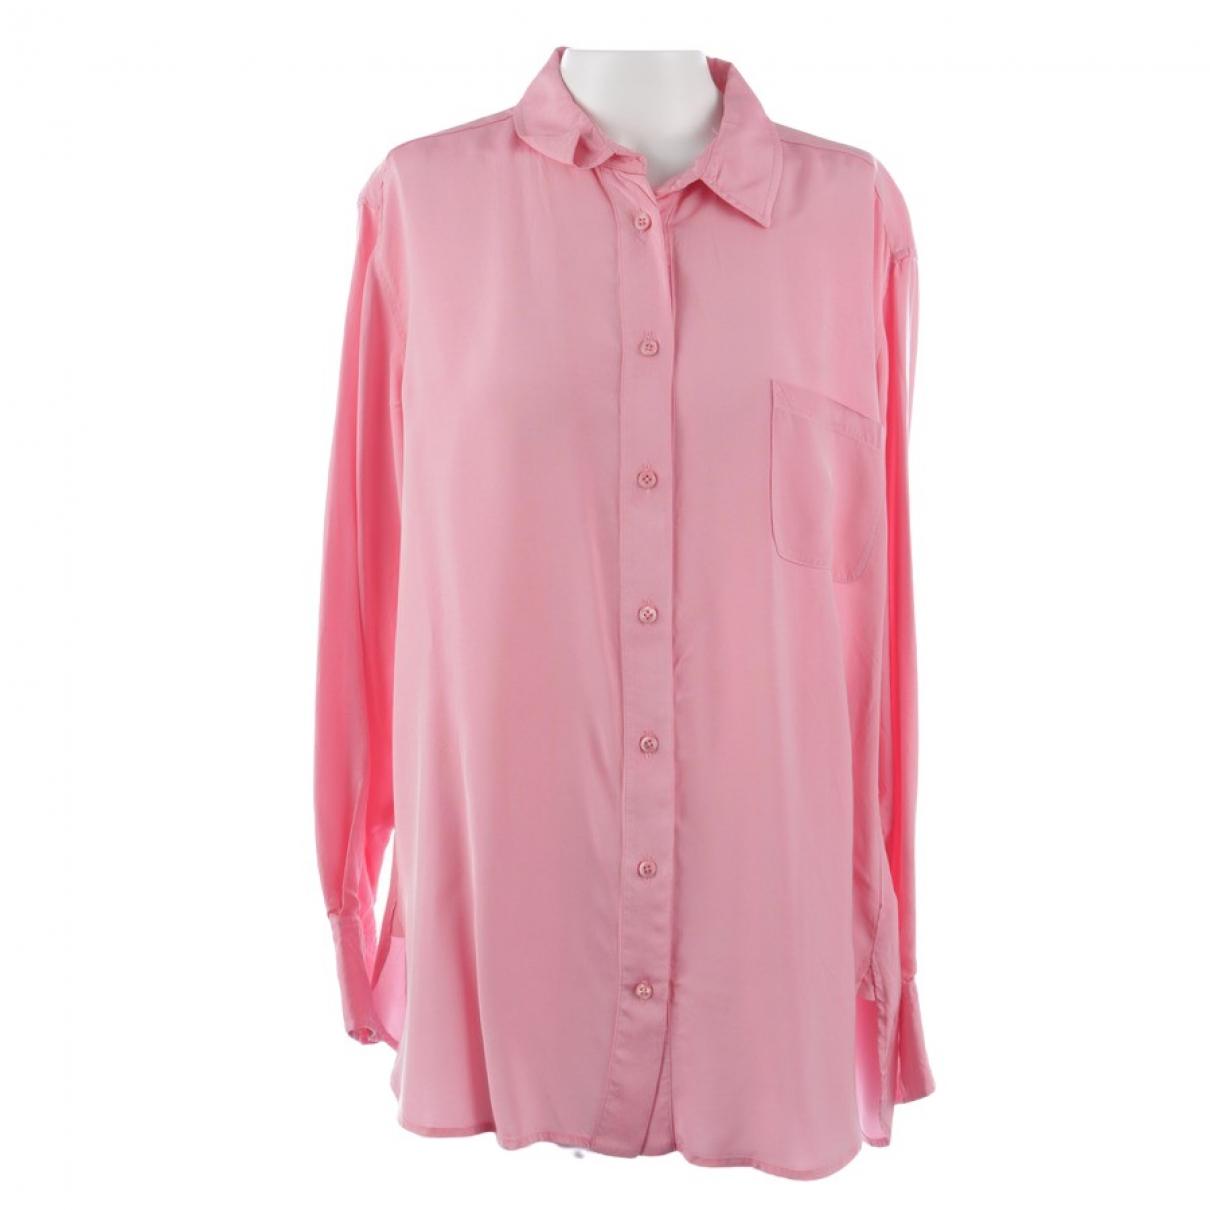 Sies Marjan - Top   pour femme - rose